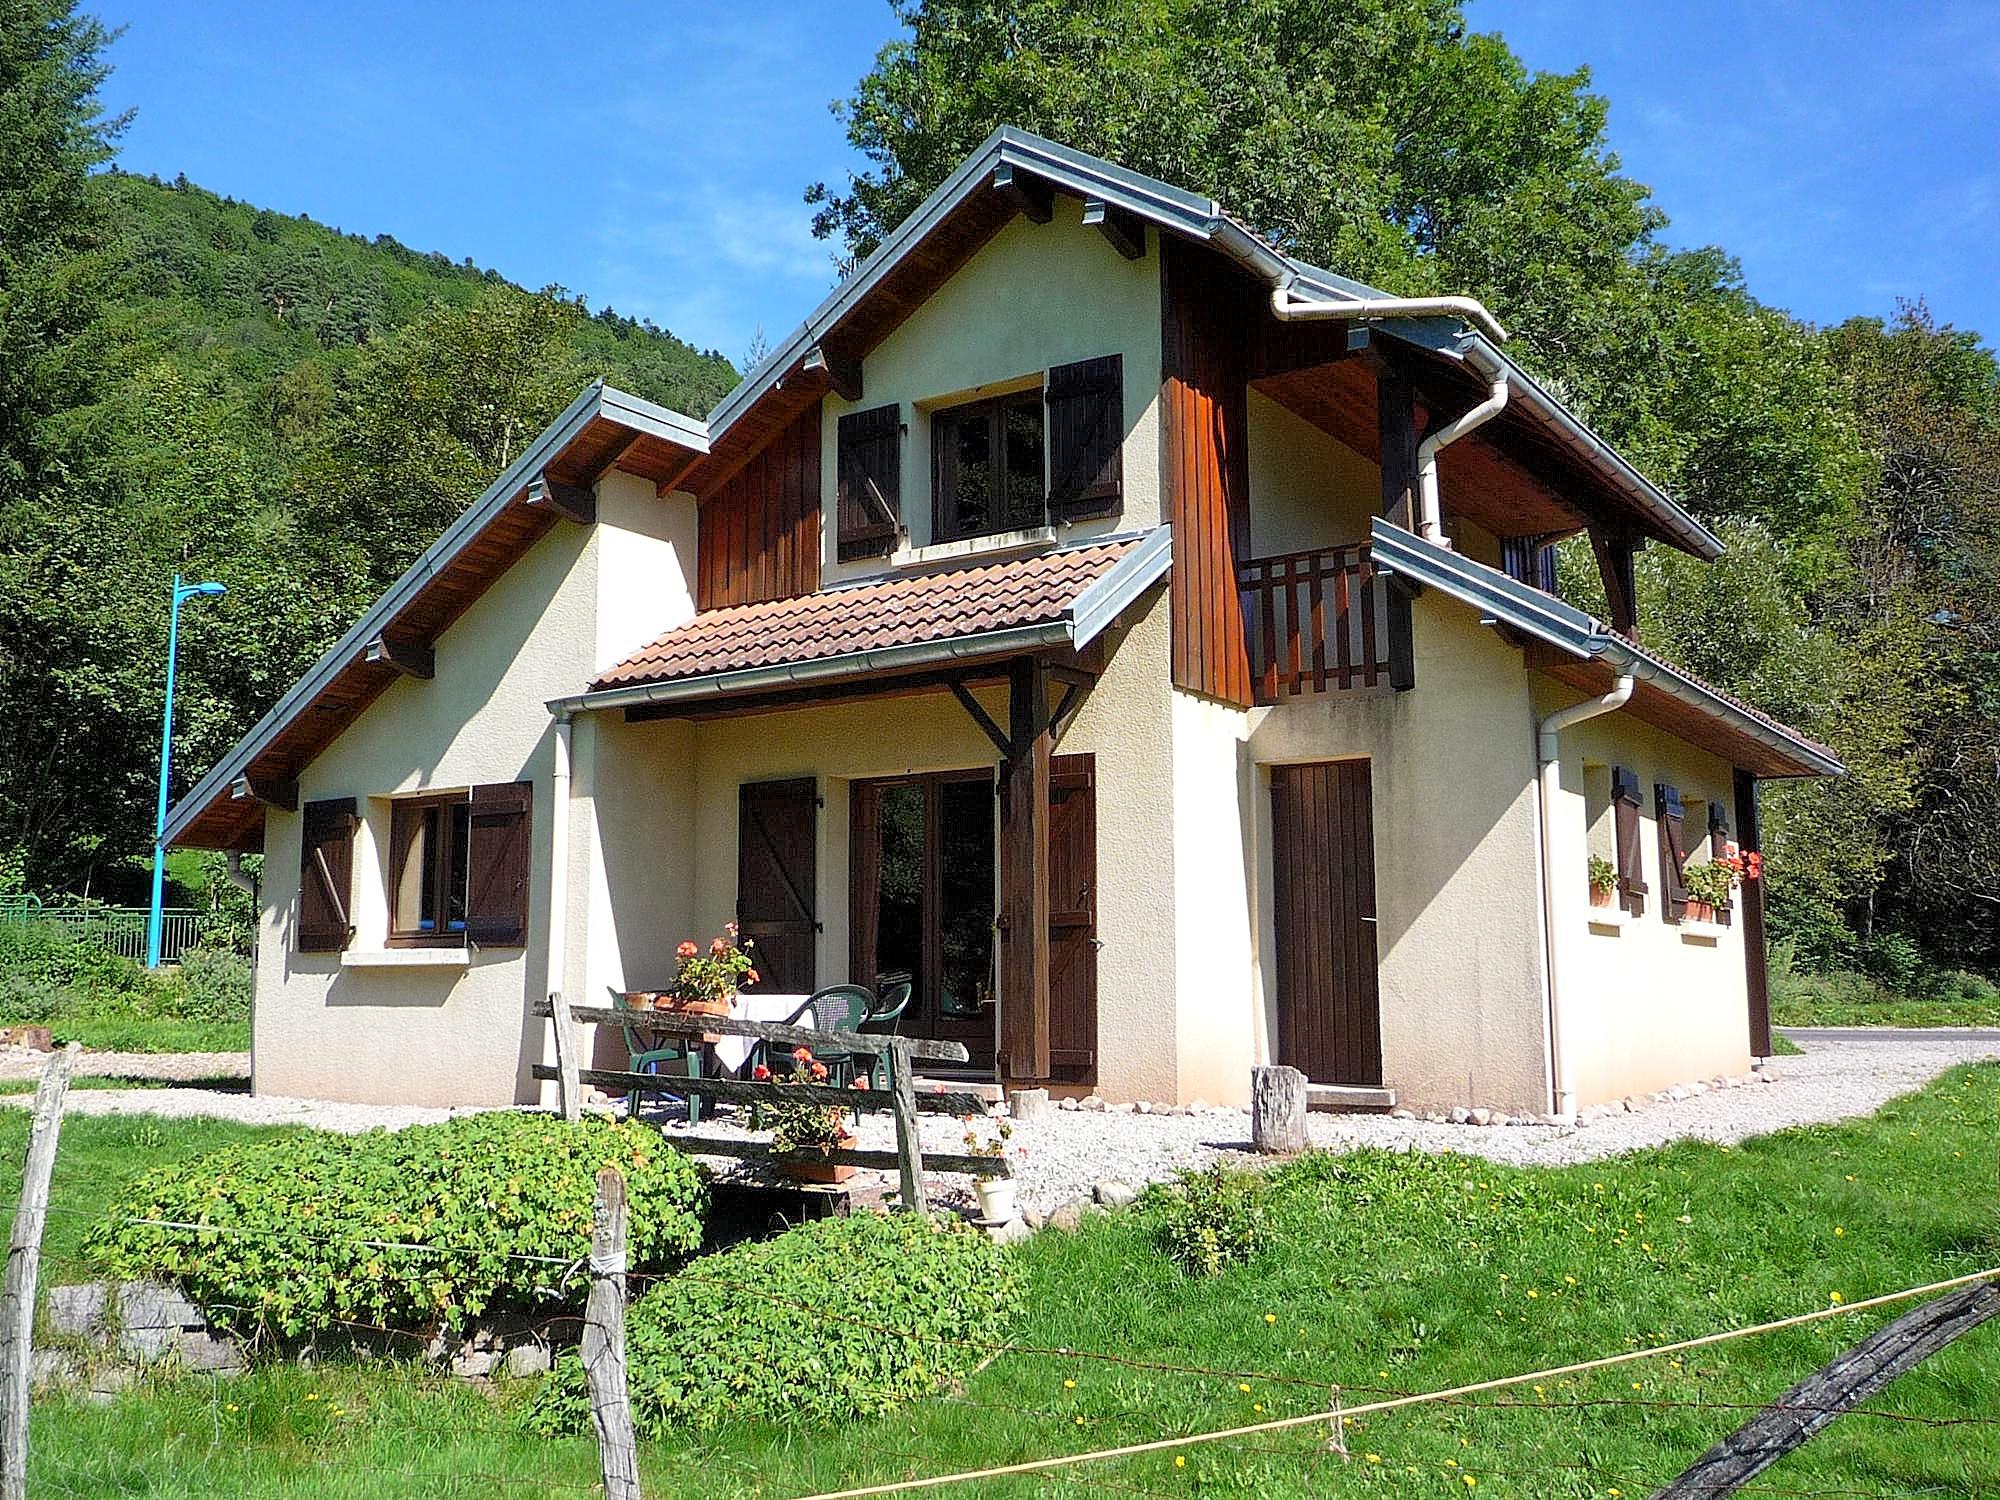 Vakantiehuis in Lotharingen in Sapois (Frankrijk)